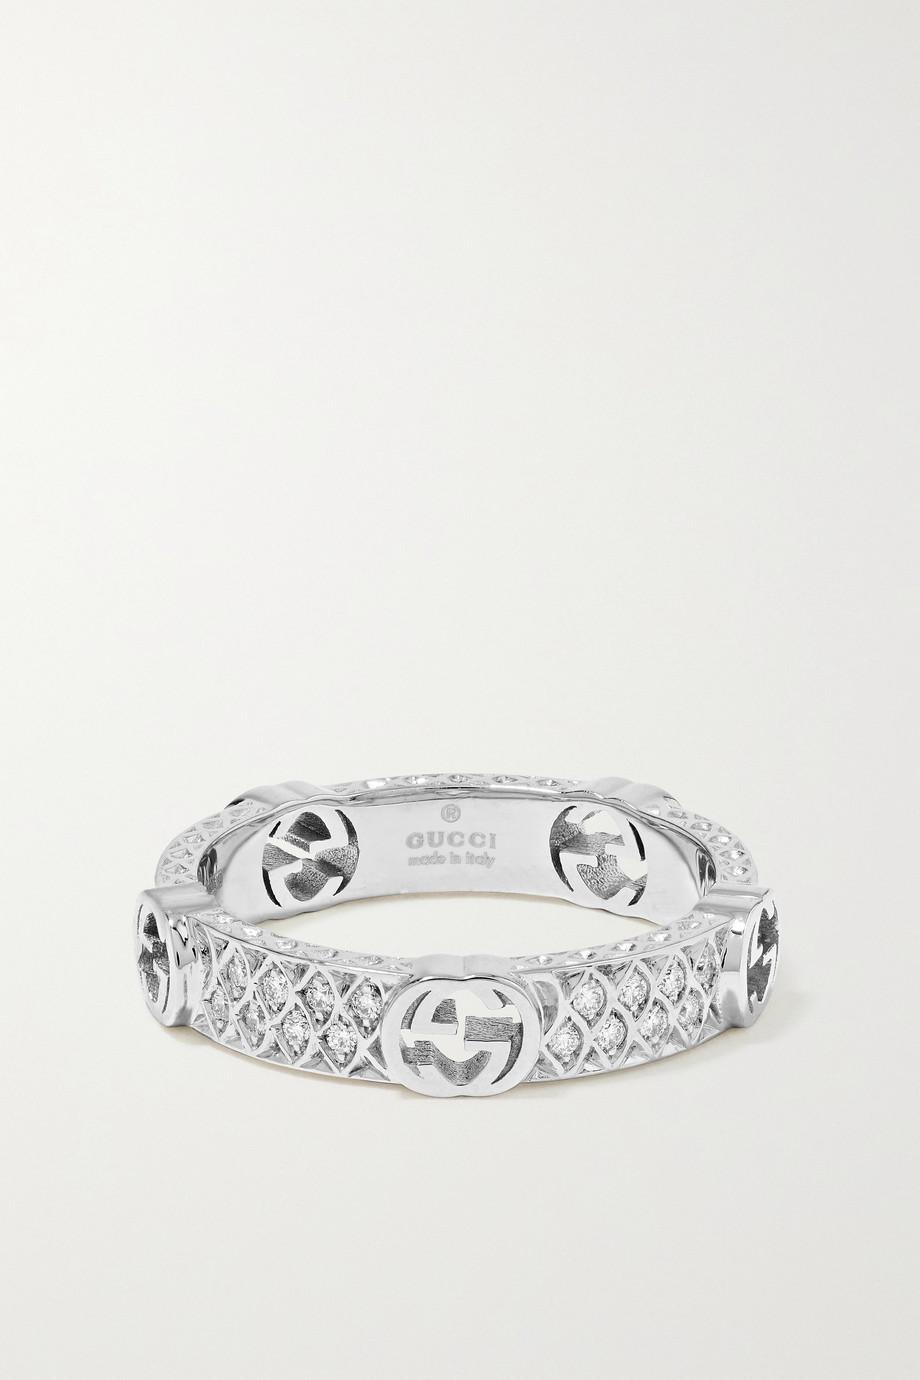 Gucci 18-karat white gold diamond ring